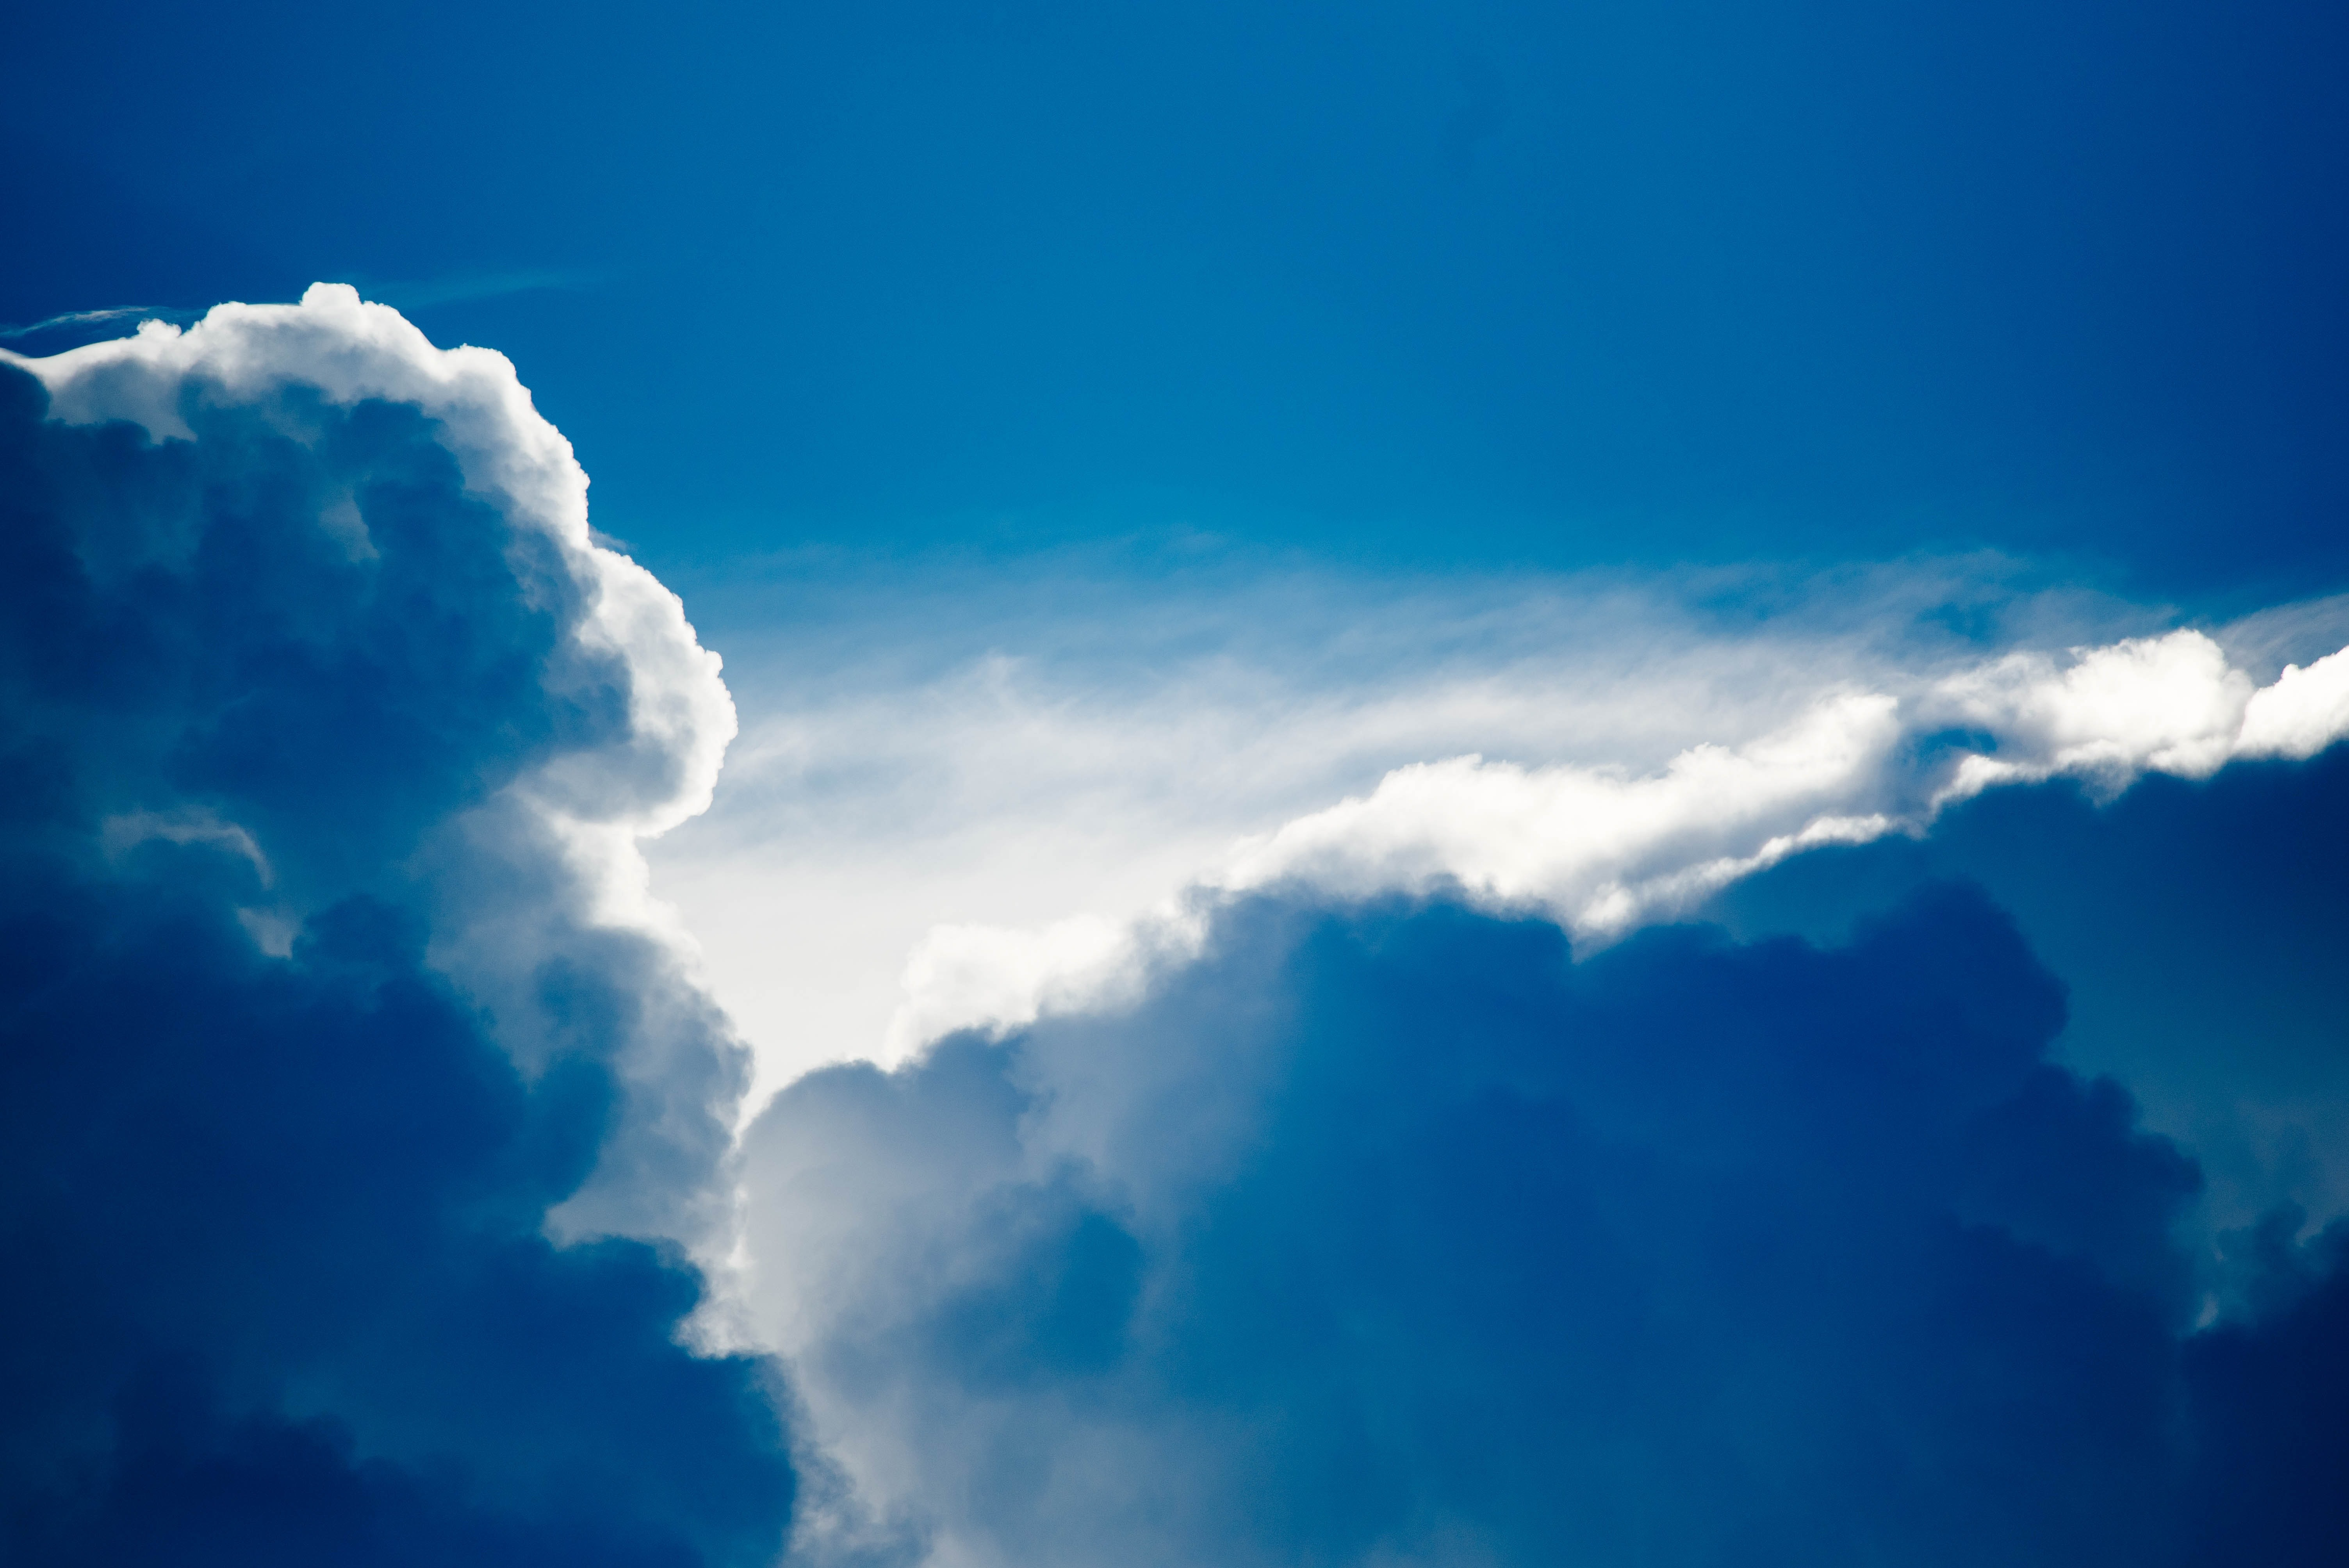 Il meteo del 3 e 4 febbraio: nubi sparse e schiarite, minime in rialzo